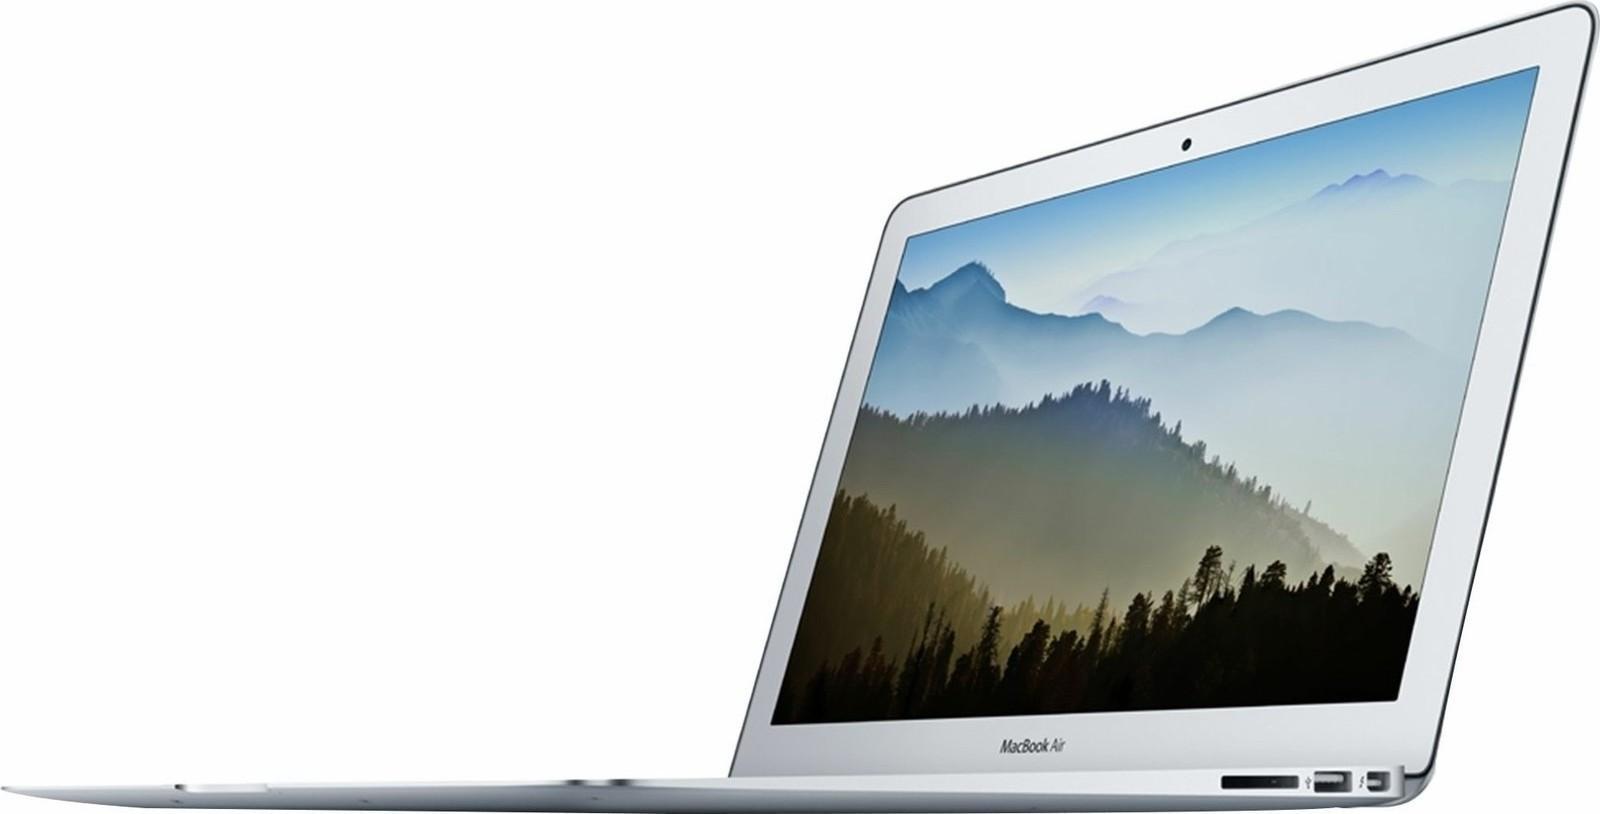 Μπορώ να συνδέσω ένα Mac Mini στο iMac μου